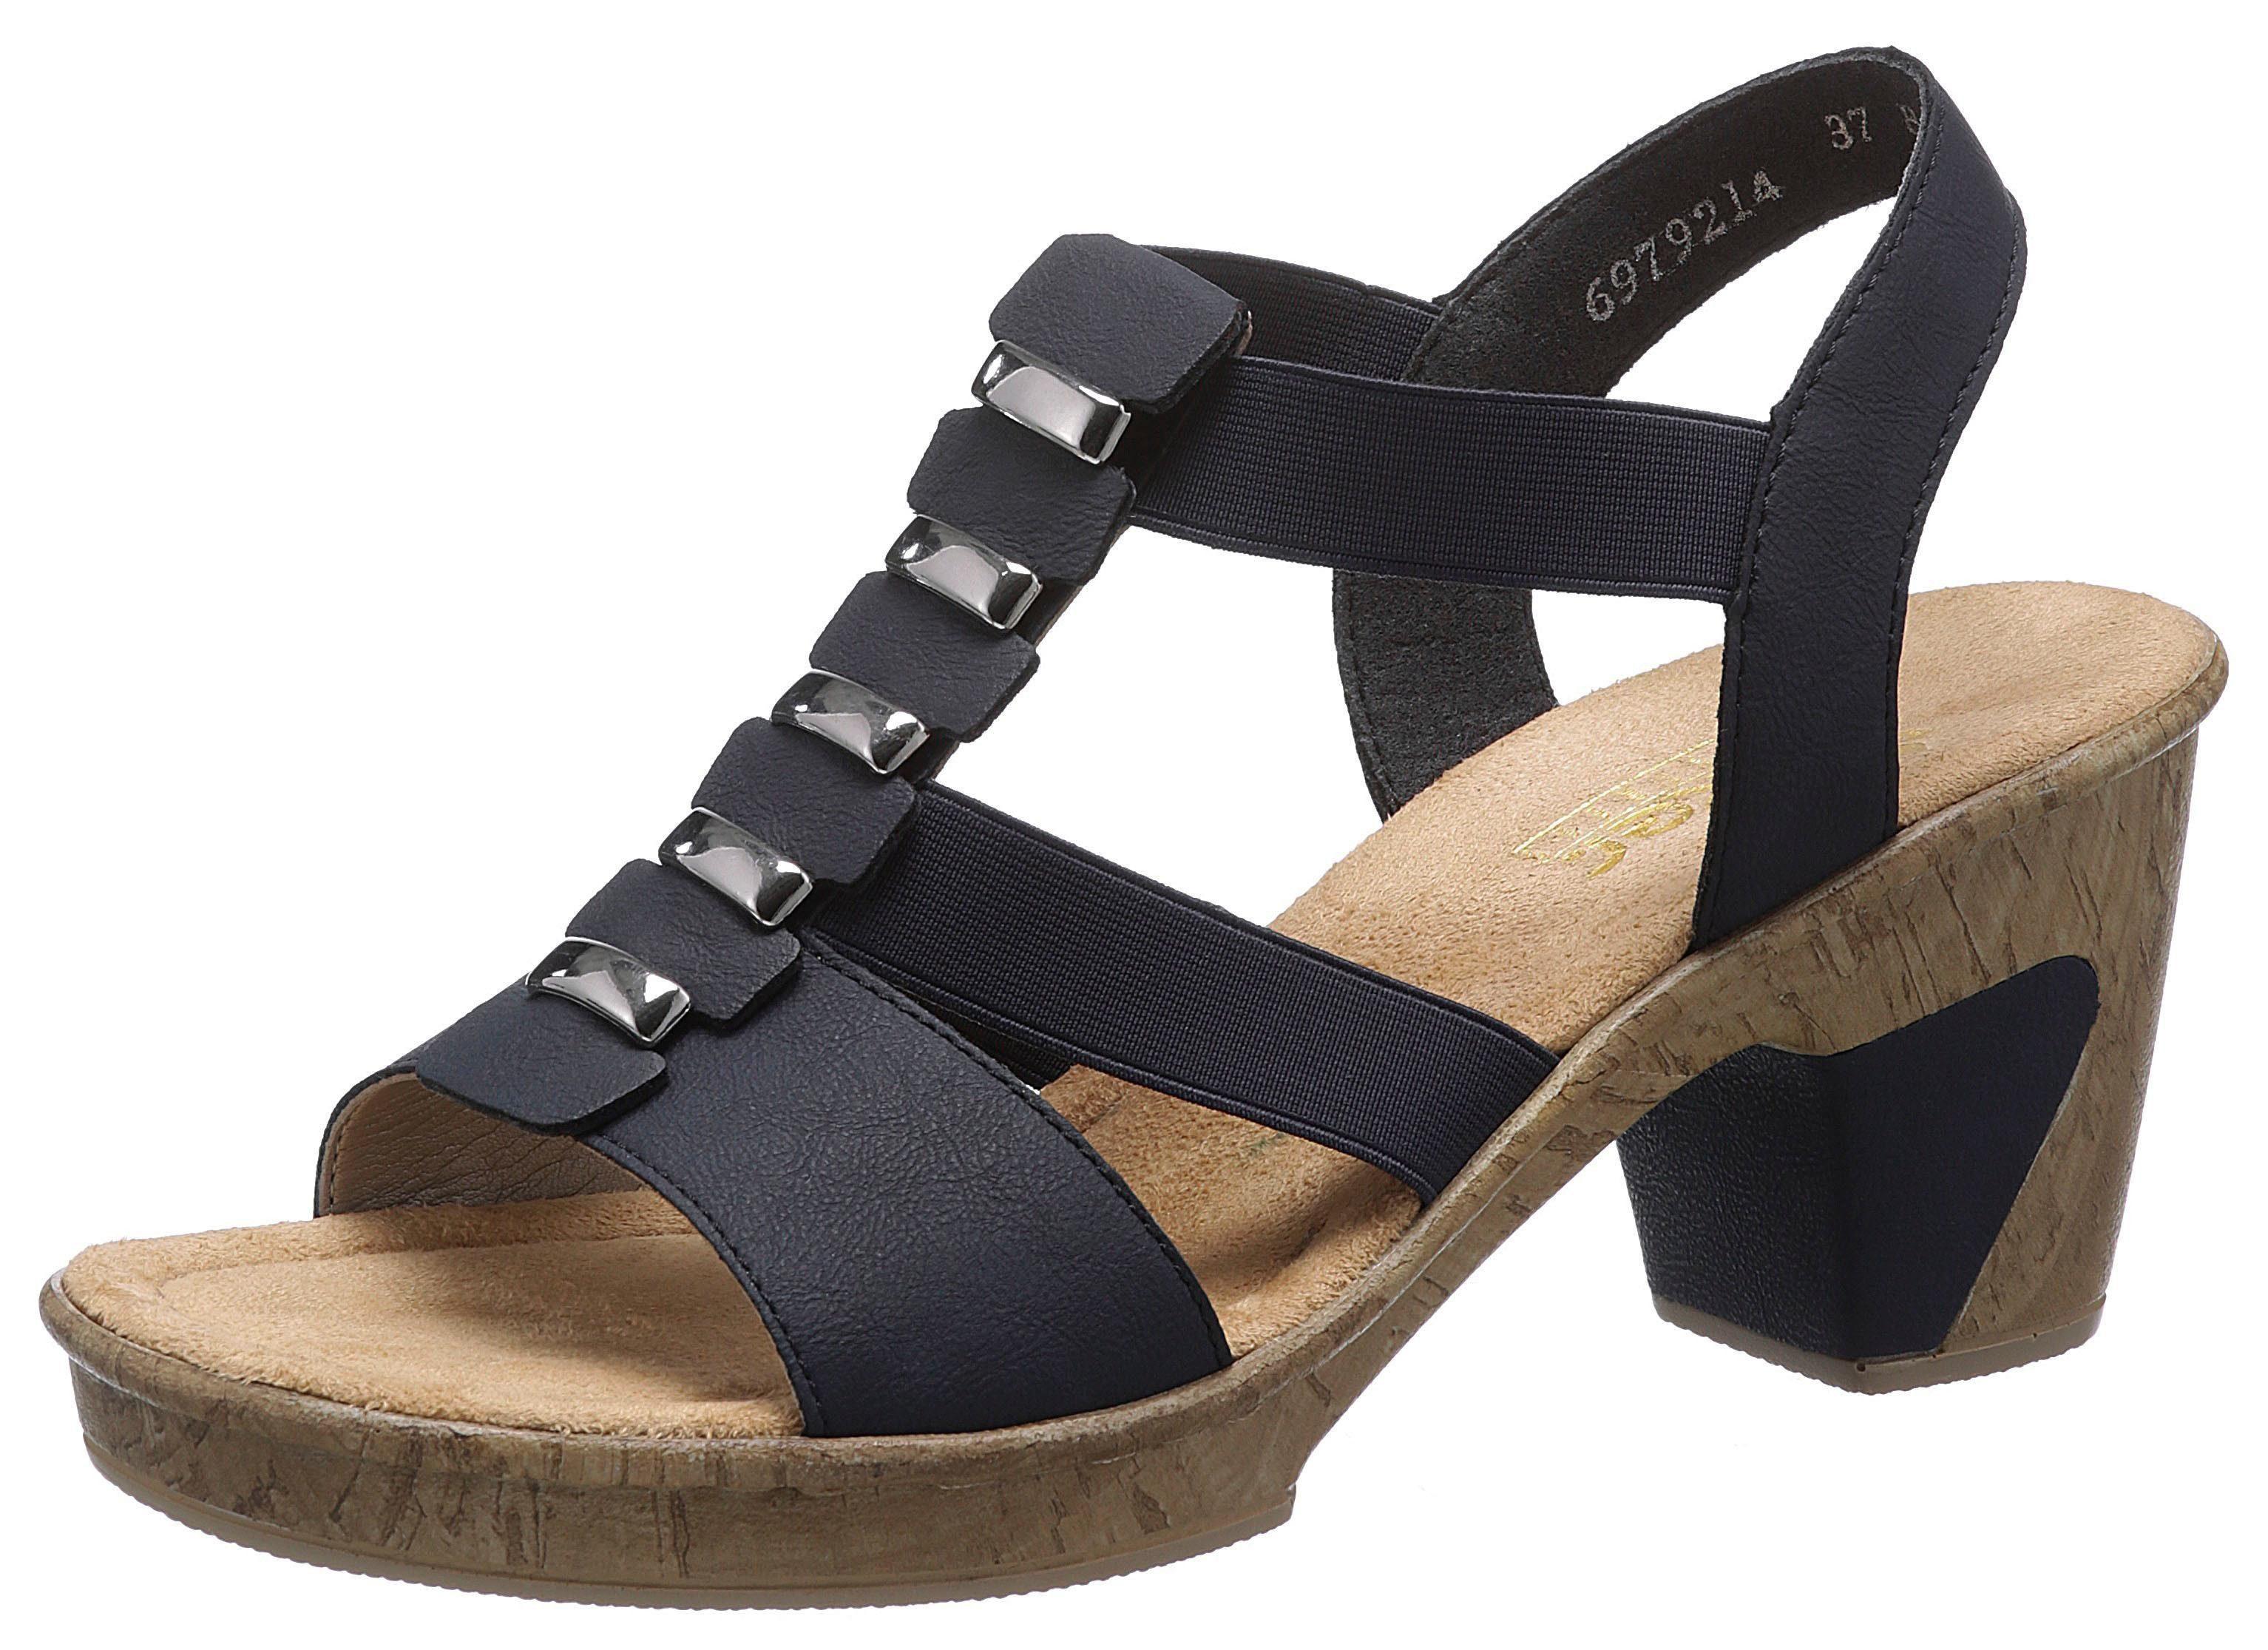 Rieker Sandalette mit tollem Schmuckelement